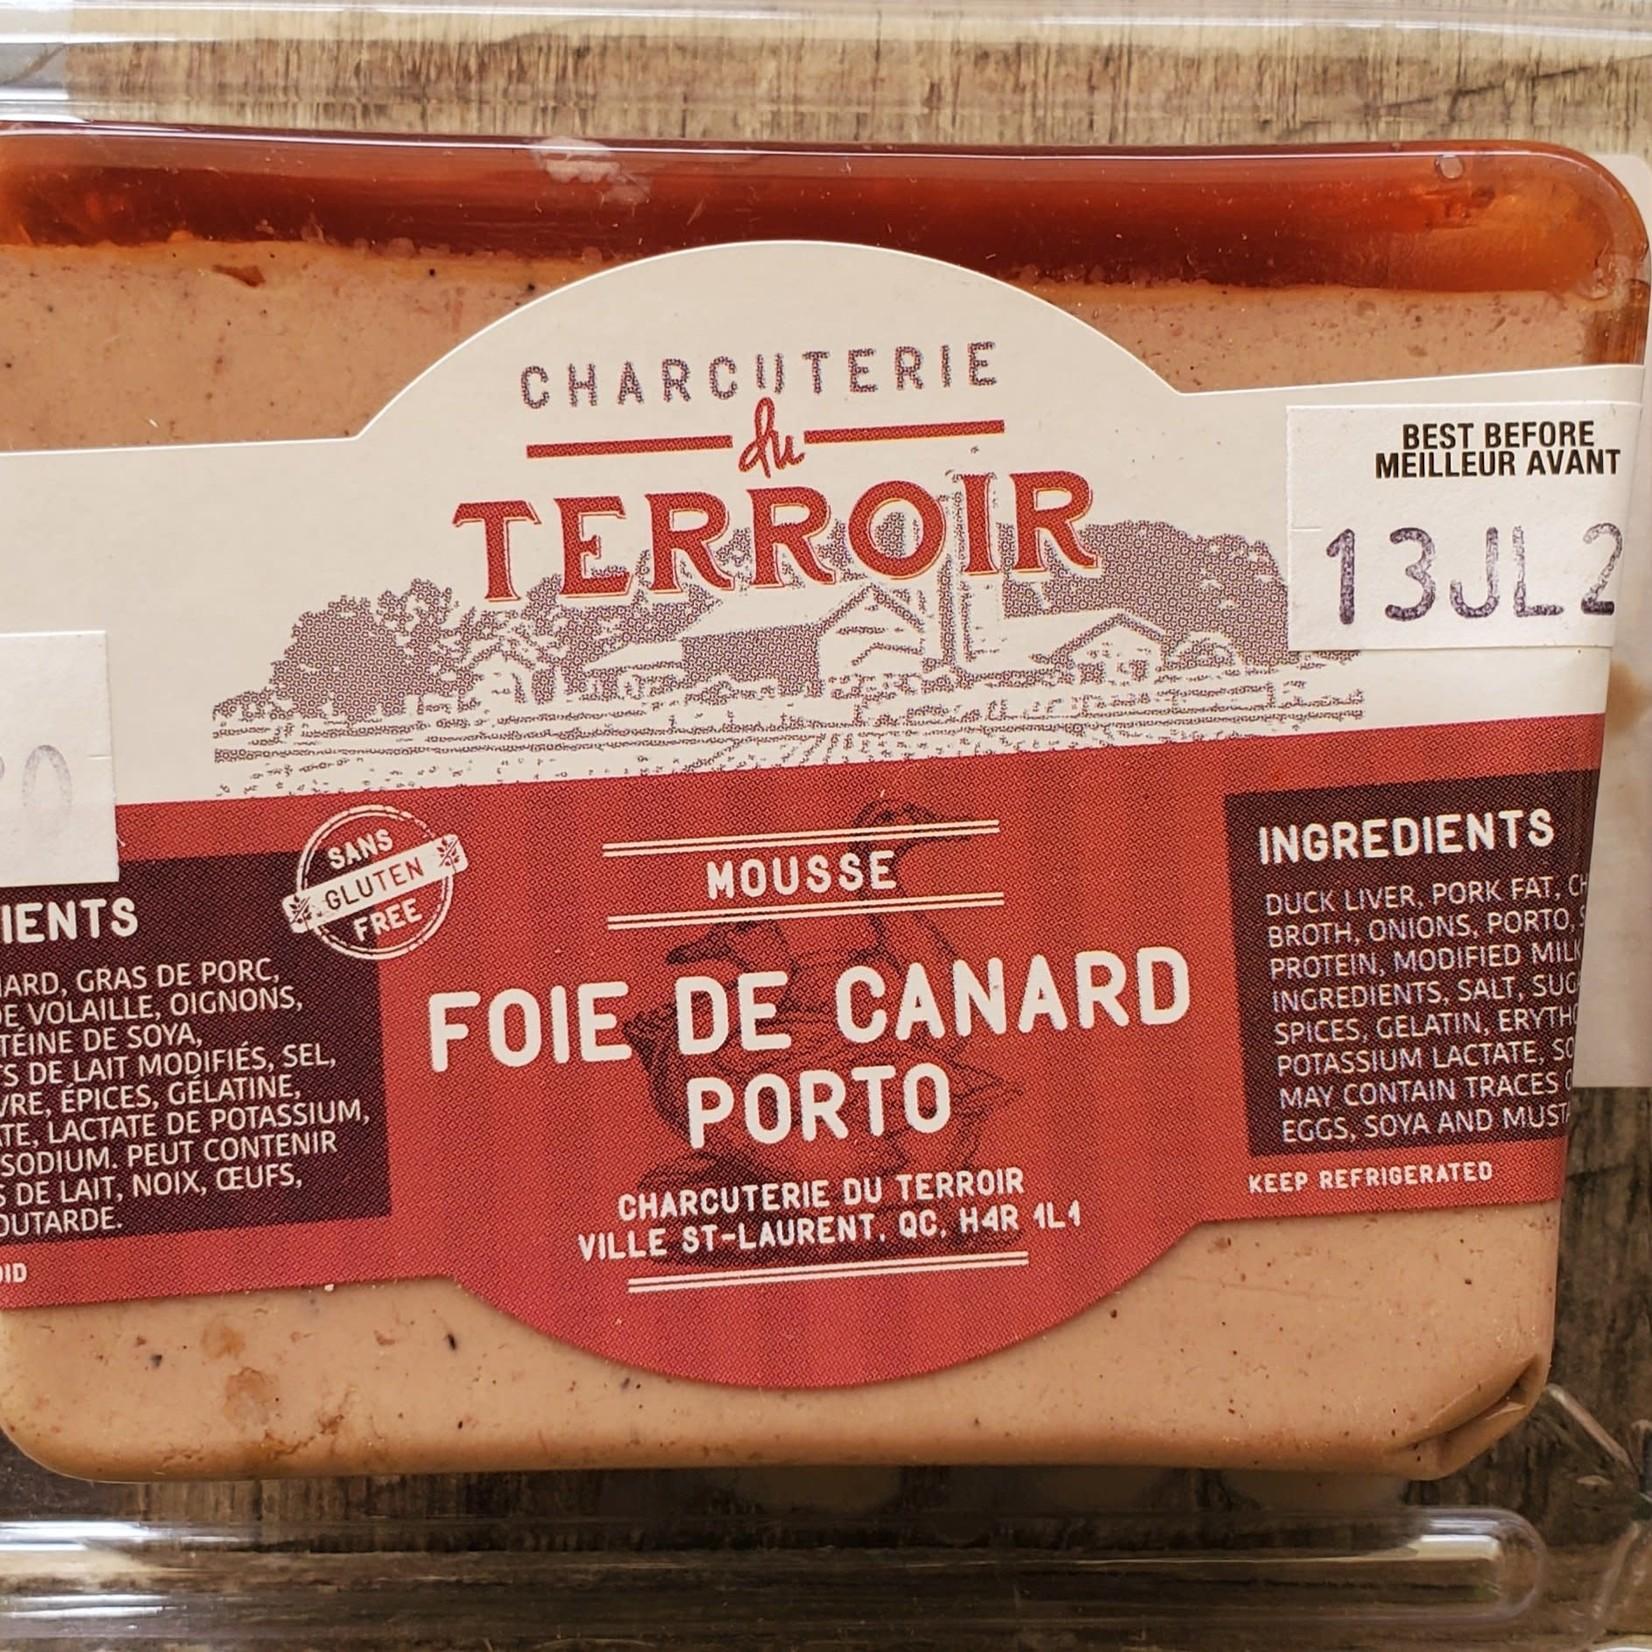 Pâté - Foie Canard Porto